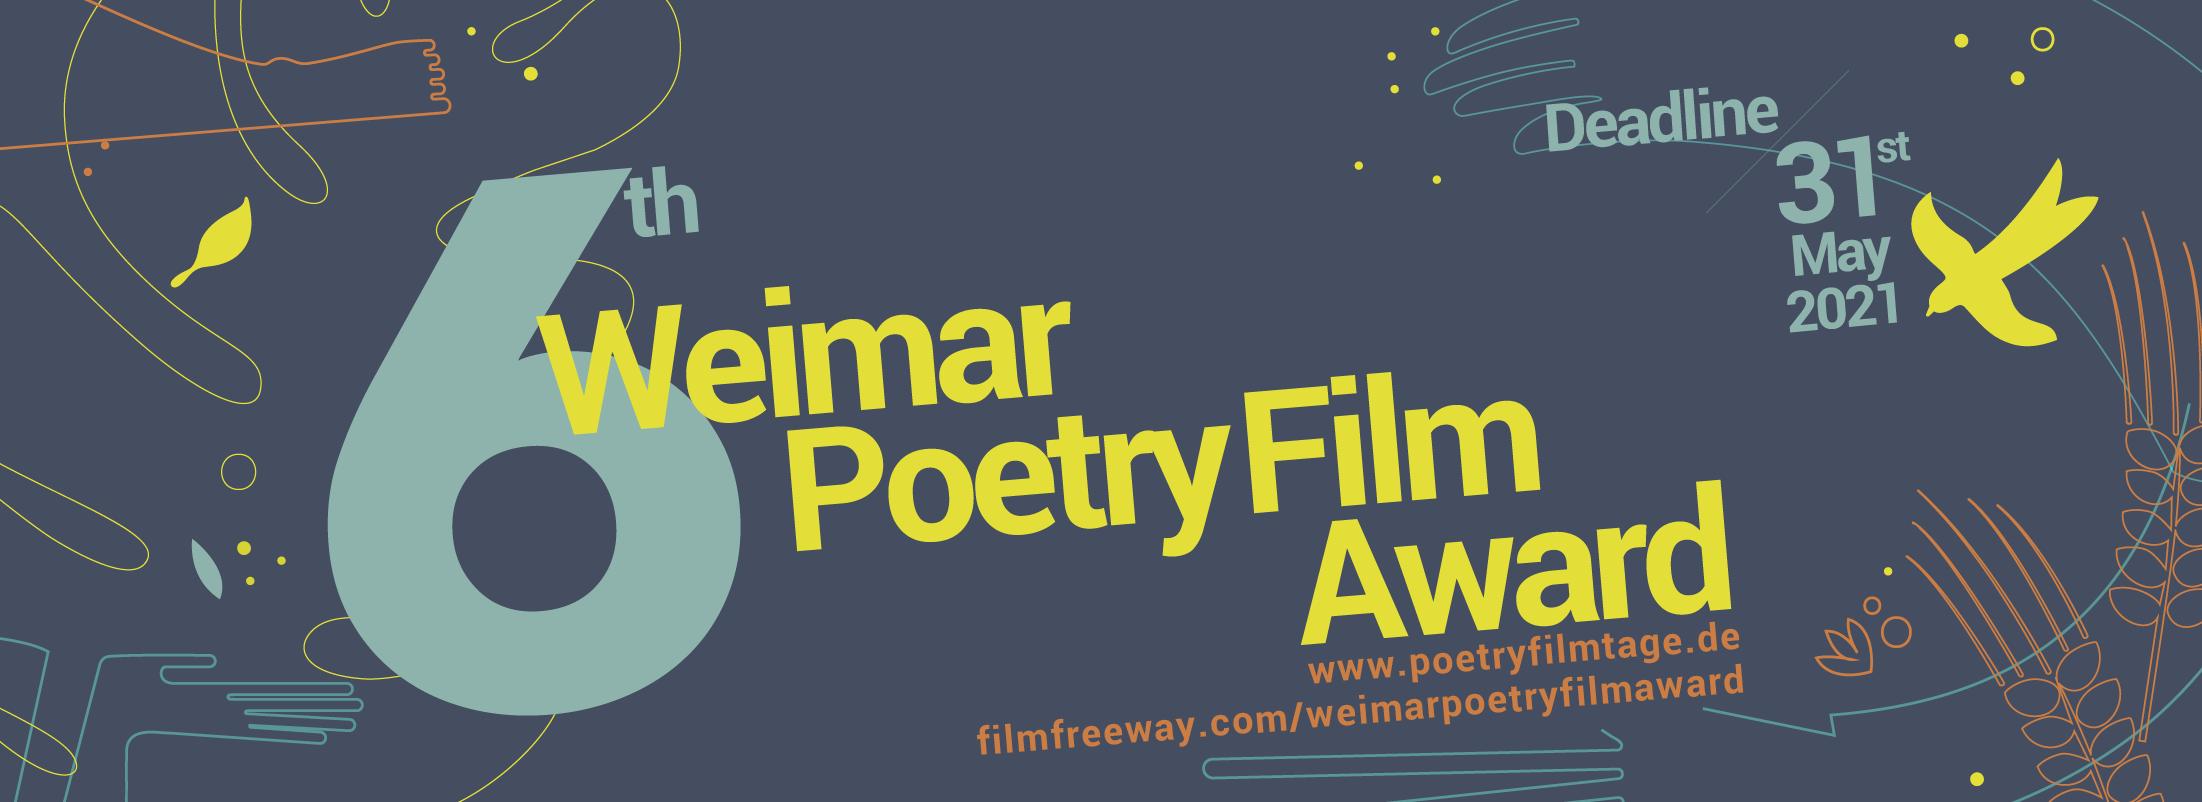 6st Weimar Poetry Film Award